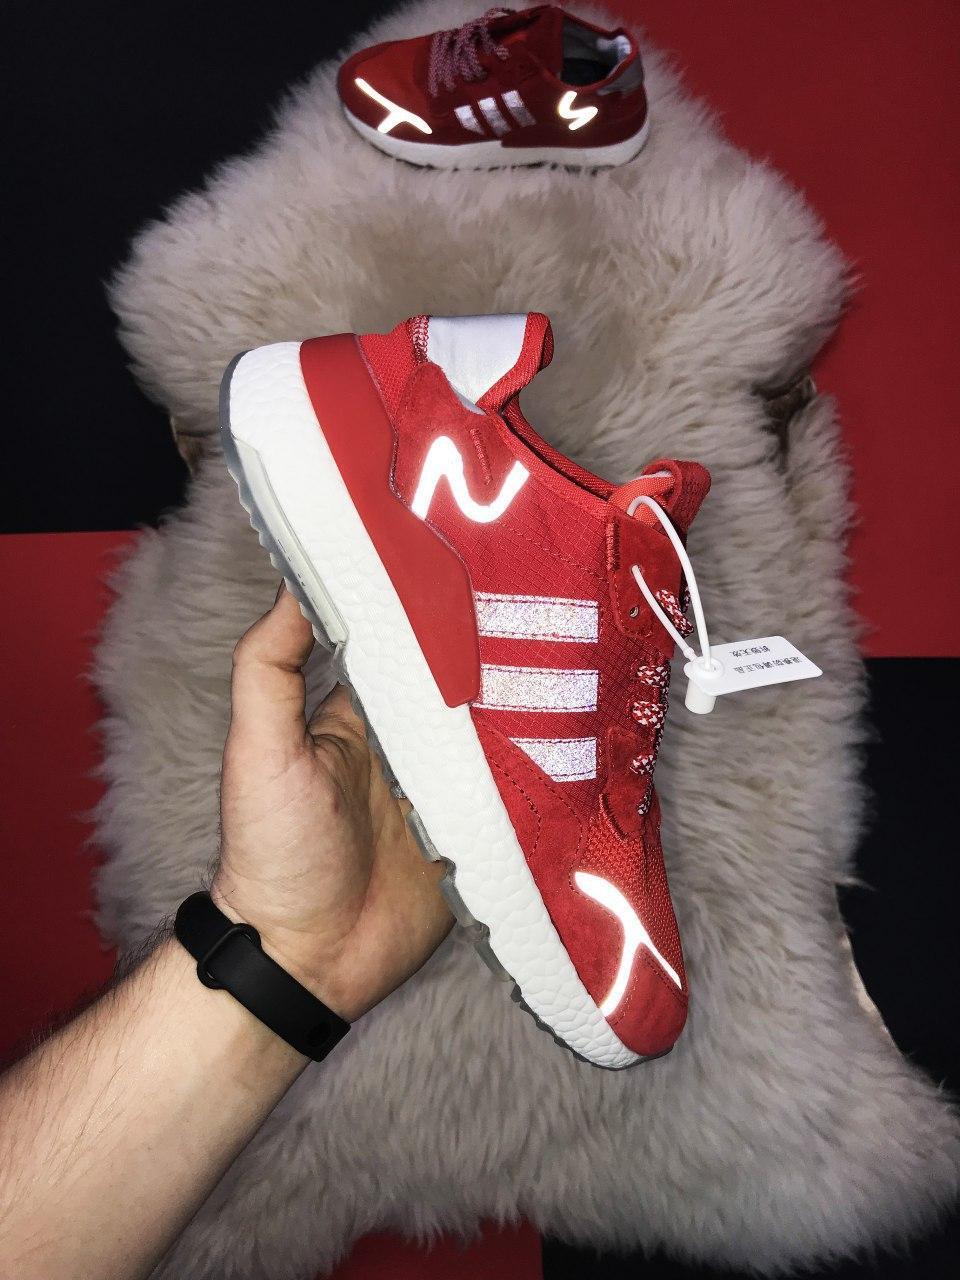 🔥 РЕФЛЕКТИВ 🔥 Кроссовки Nite Jogger Red White Найк Джоггер Красный🔥 Найк мужские кроссовки 🔥